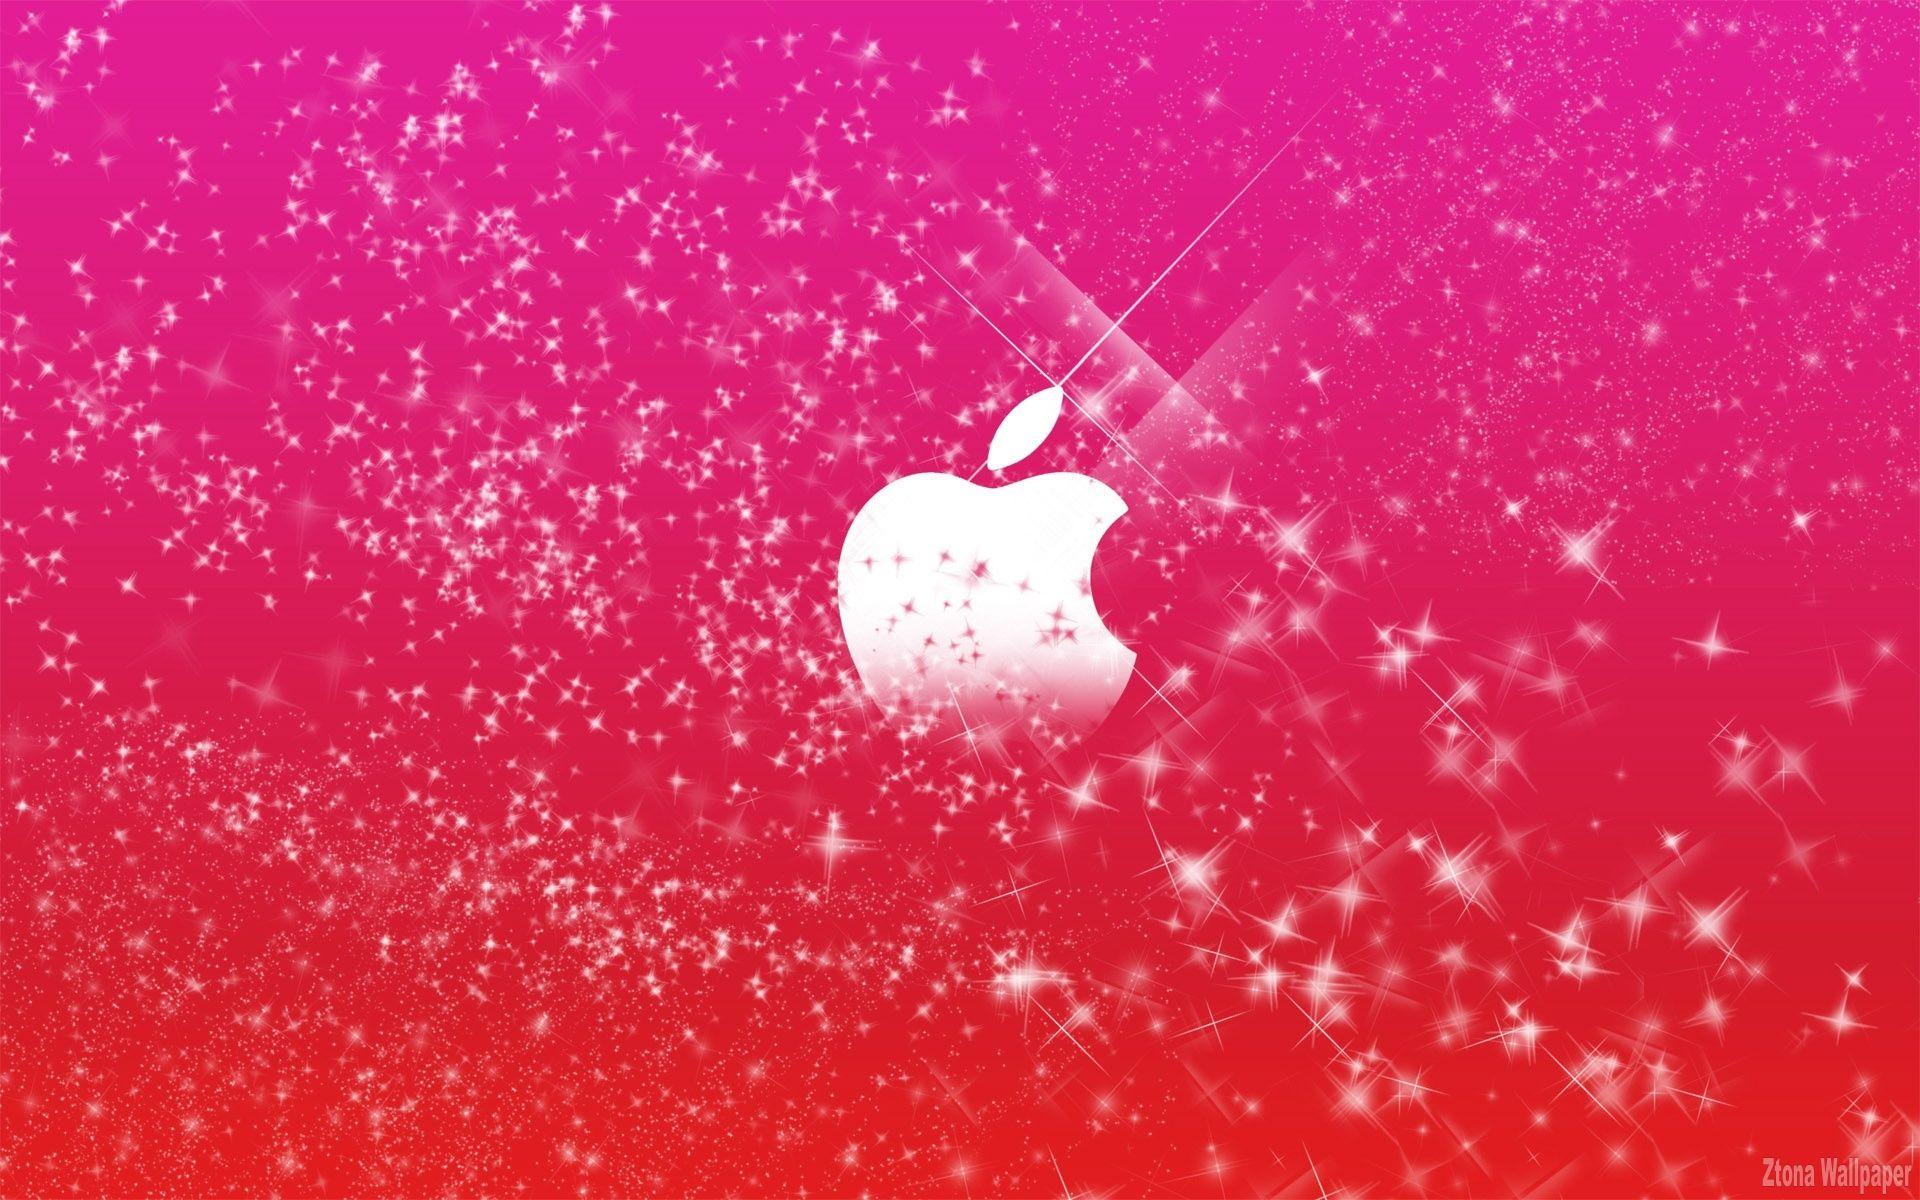 Apple desktop wallpapers top wallpaper desktop wallpapers for apple desktop wallpapers top wallpaper desktop voltagebd Image collections